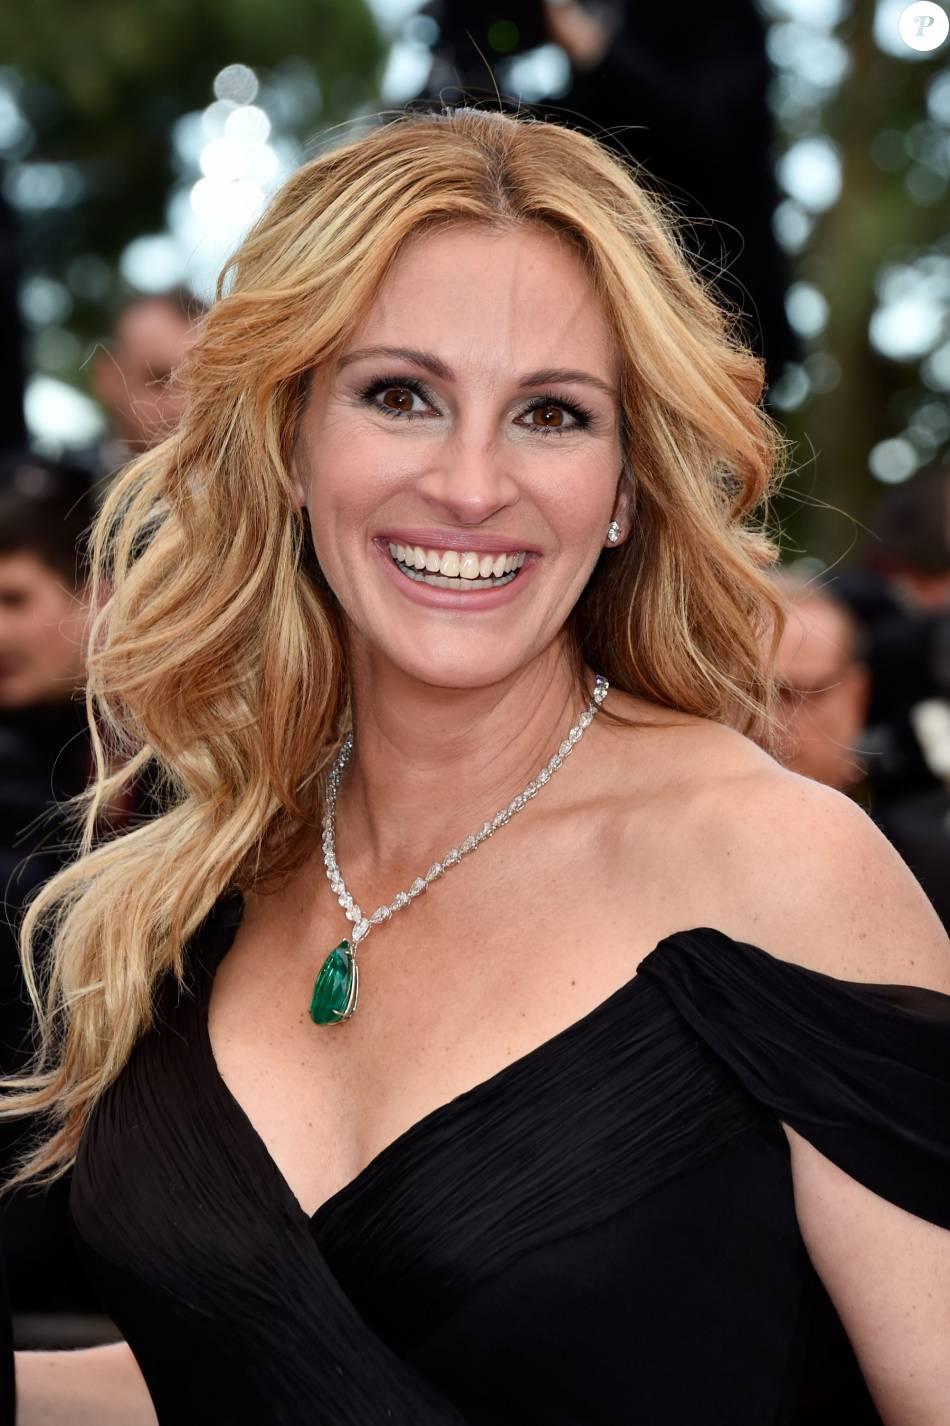 4e5d0ac25 Julia Roberts manteve a fama de linda mulher usando um vestido da grife  Armani Privé e joias Chopard